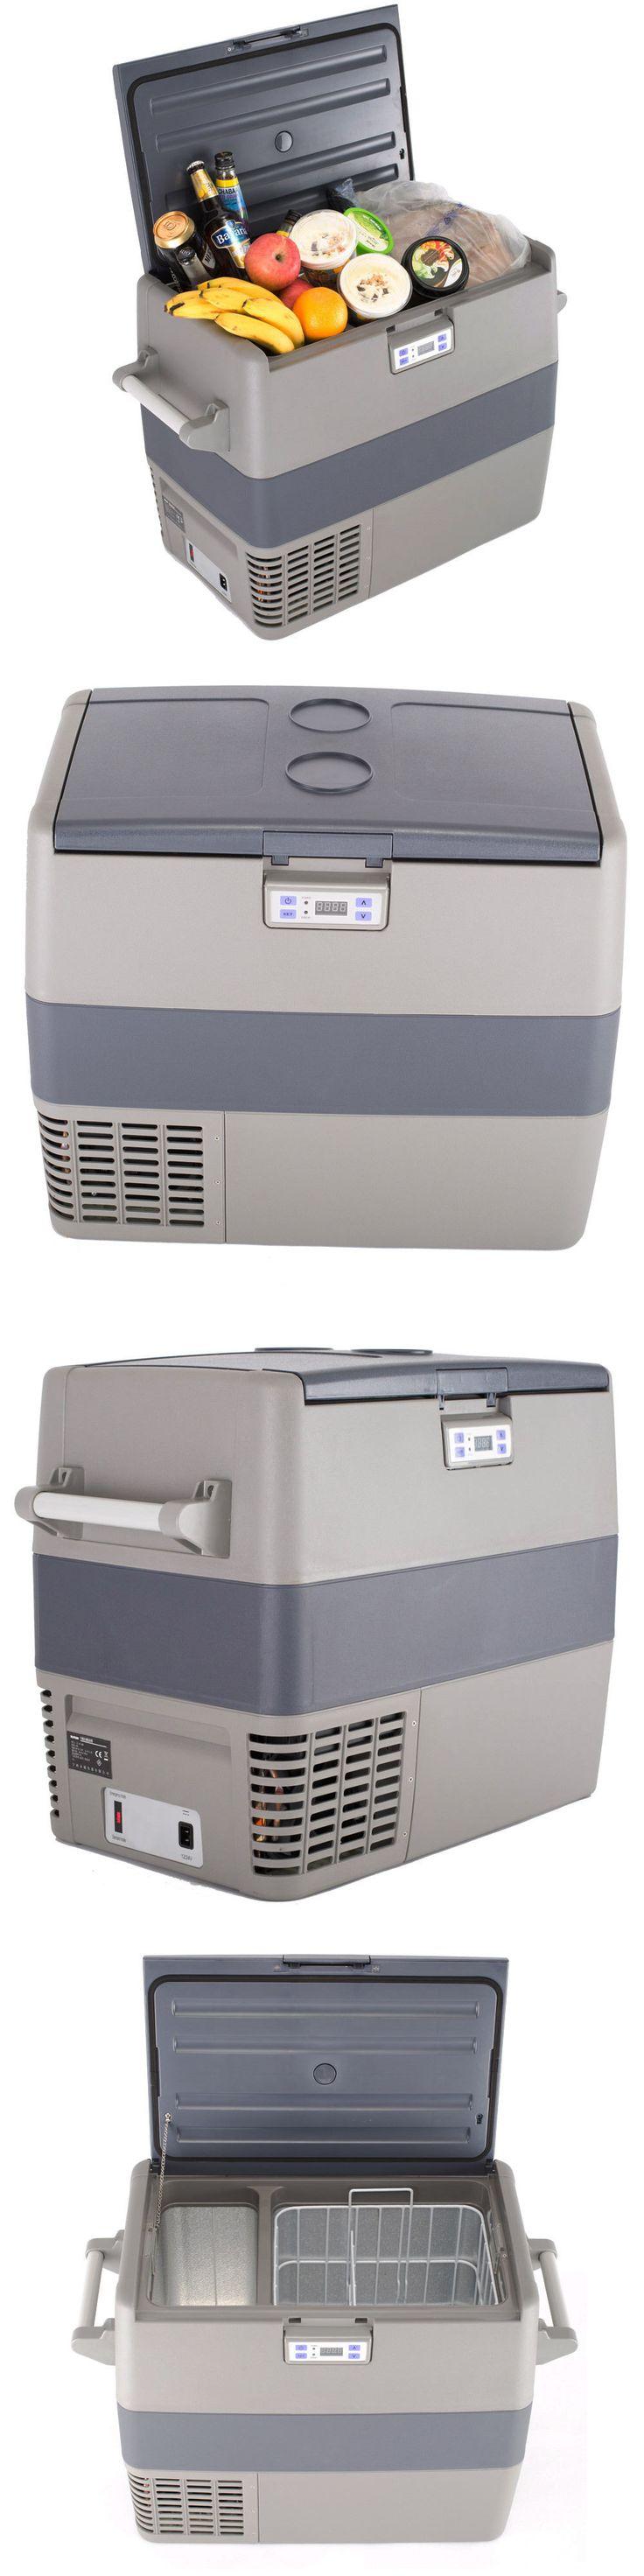 12-Volt Portable Appliances: 110V 12V Portable Car Refrigerator Compressor Cooler Truck Fridge Freezer 49L -> BUY IT NOW ONLY: $399.0 on eBay!